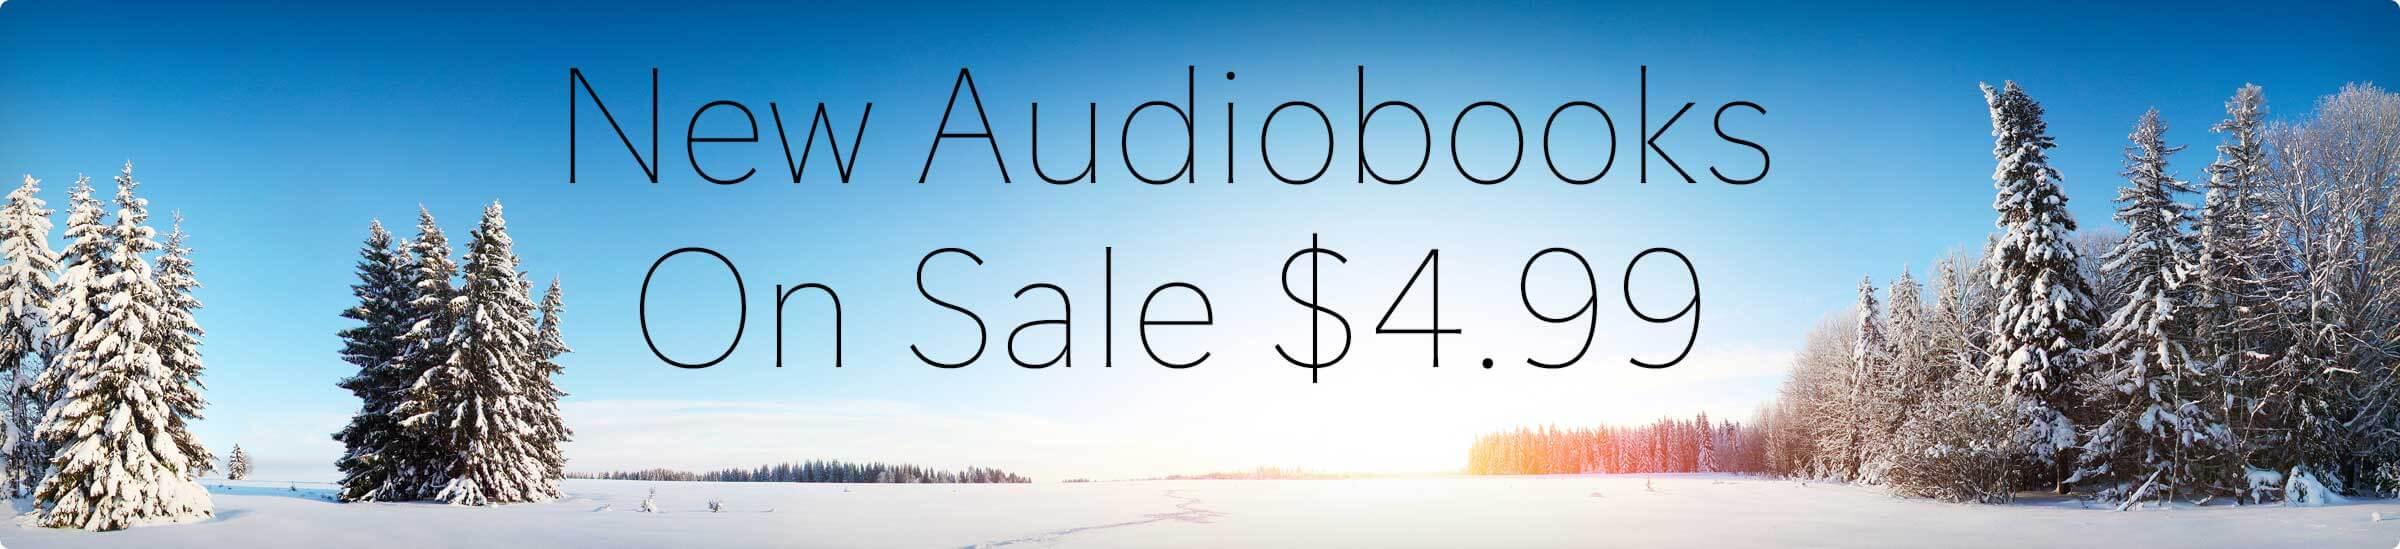 New Audiobooks $4.99